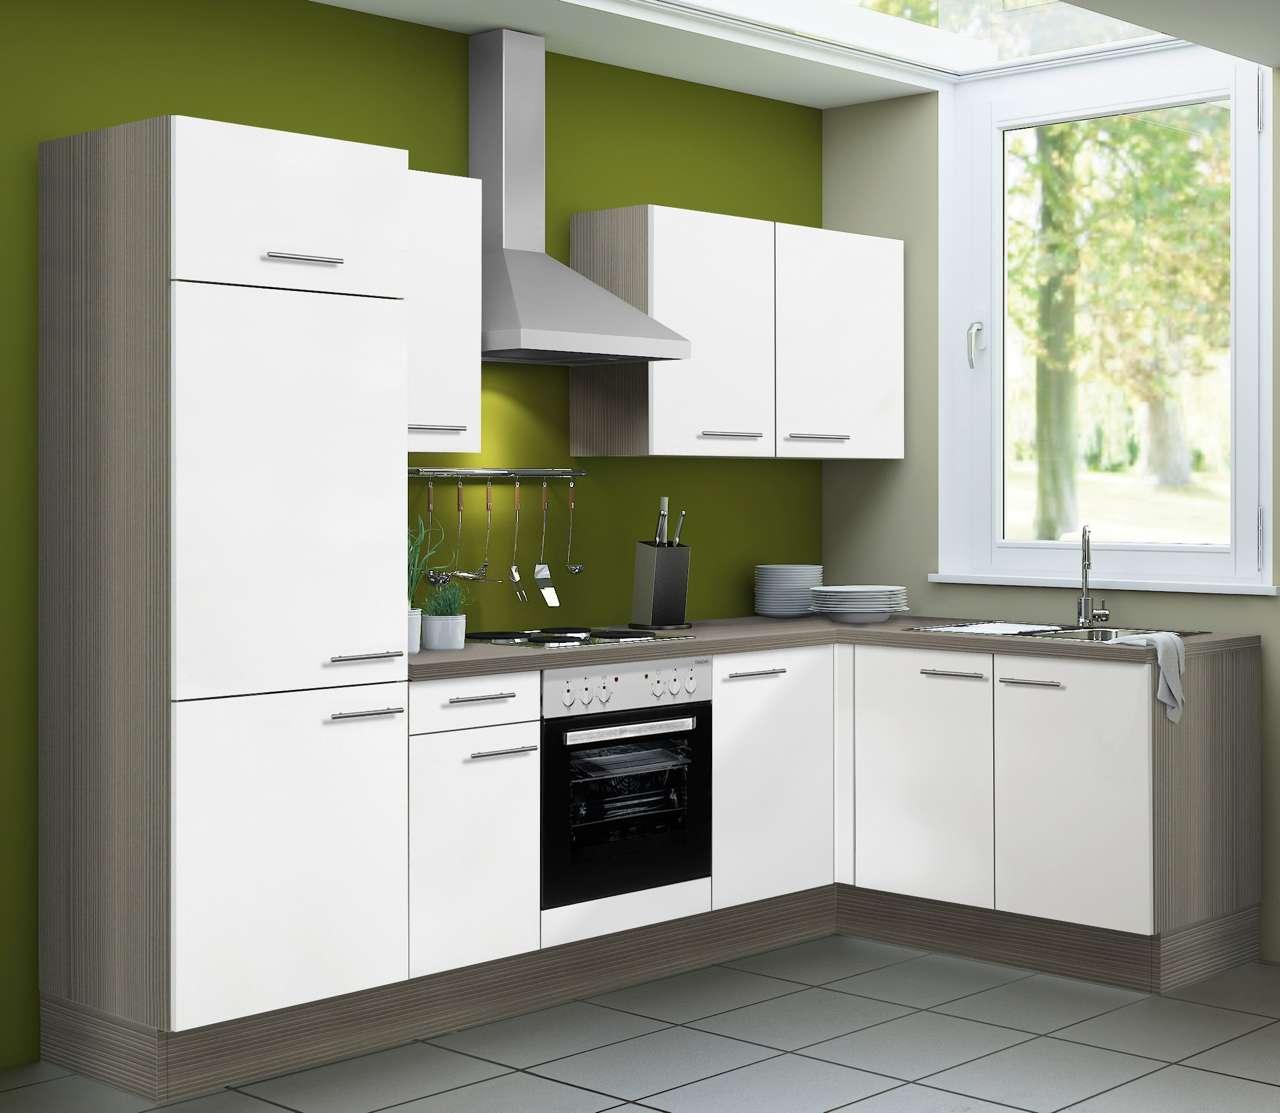 Küchenplanung: Welche Küche passt zu mir? | Küchen Journal